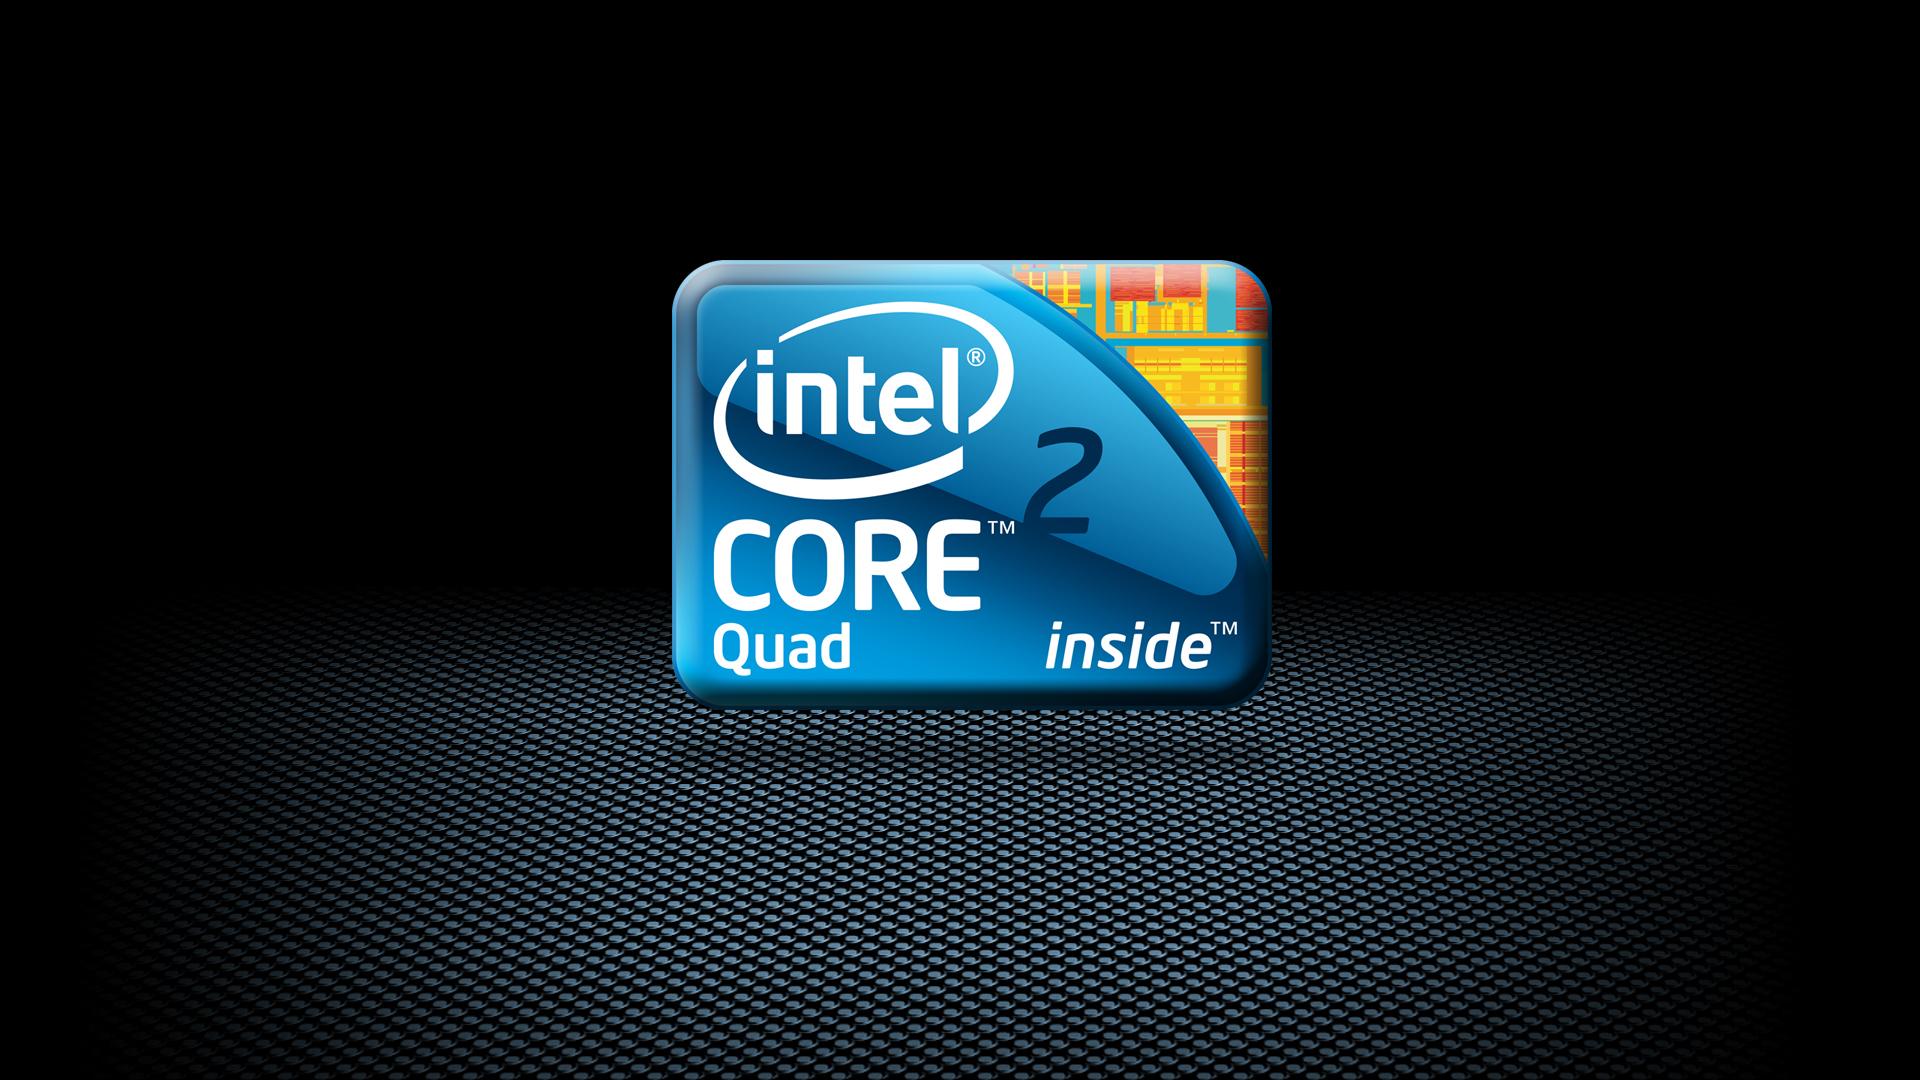 Intel Core 2 Quad Logo wallpaper   140277 1920x1080